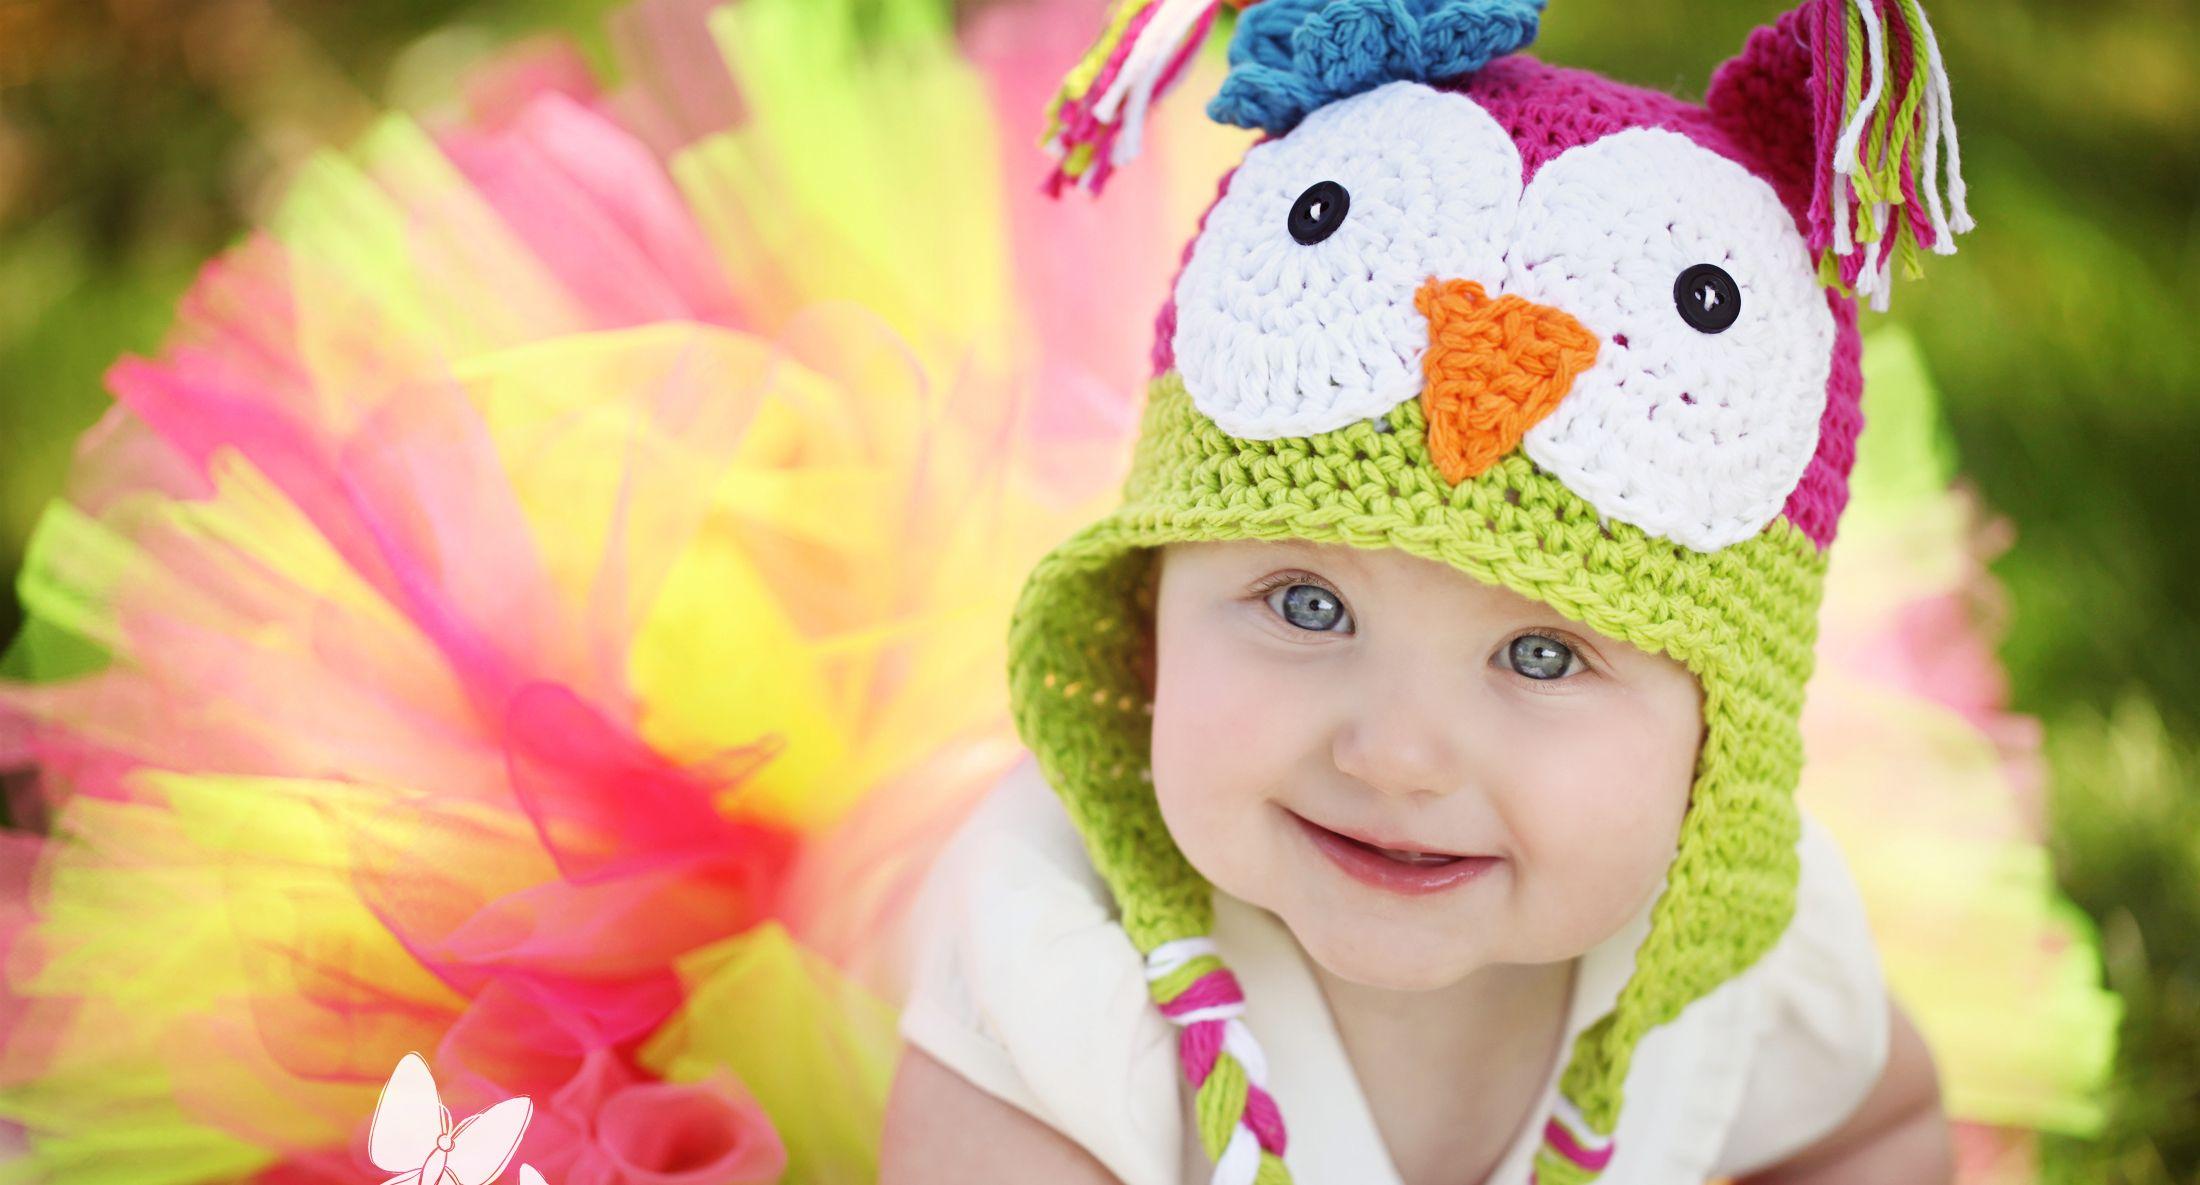 Cute babies wallpaper hd wallpapers pinterest baby wallpaper cute babies wallpaper voltagebd Images